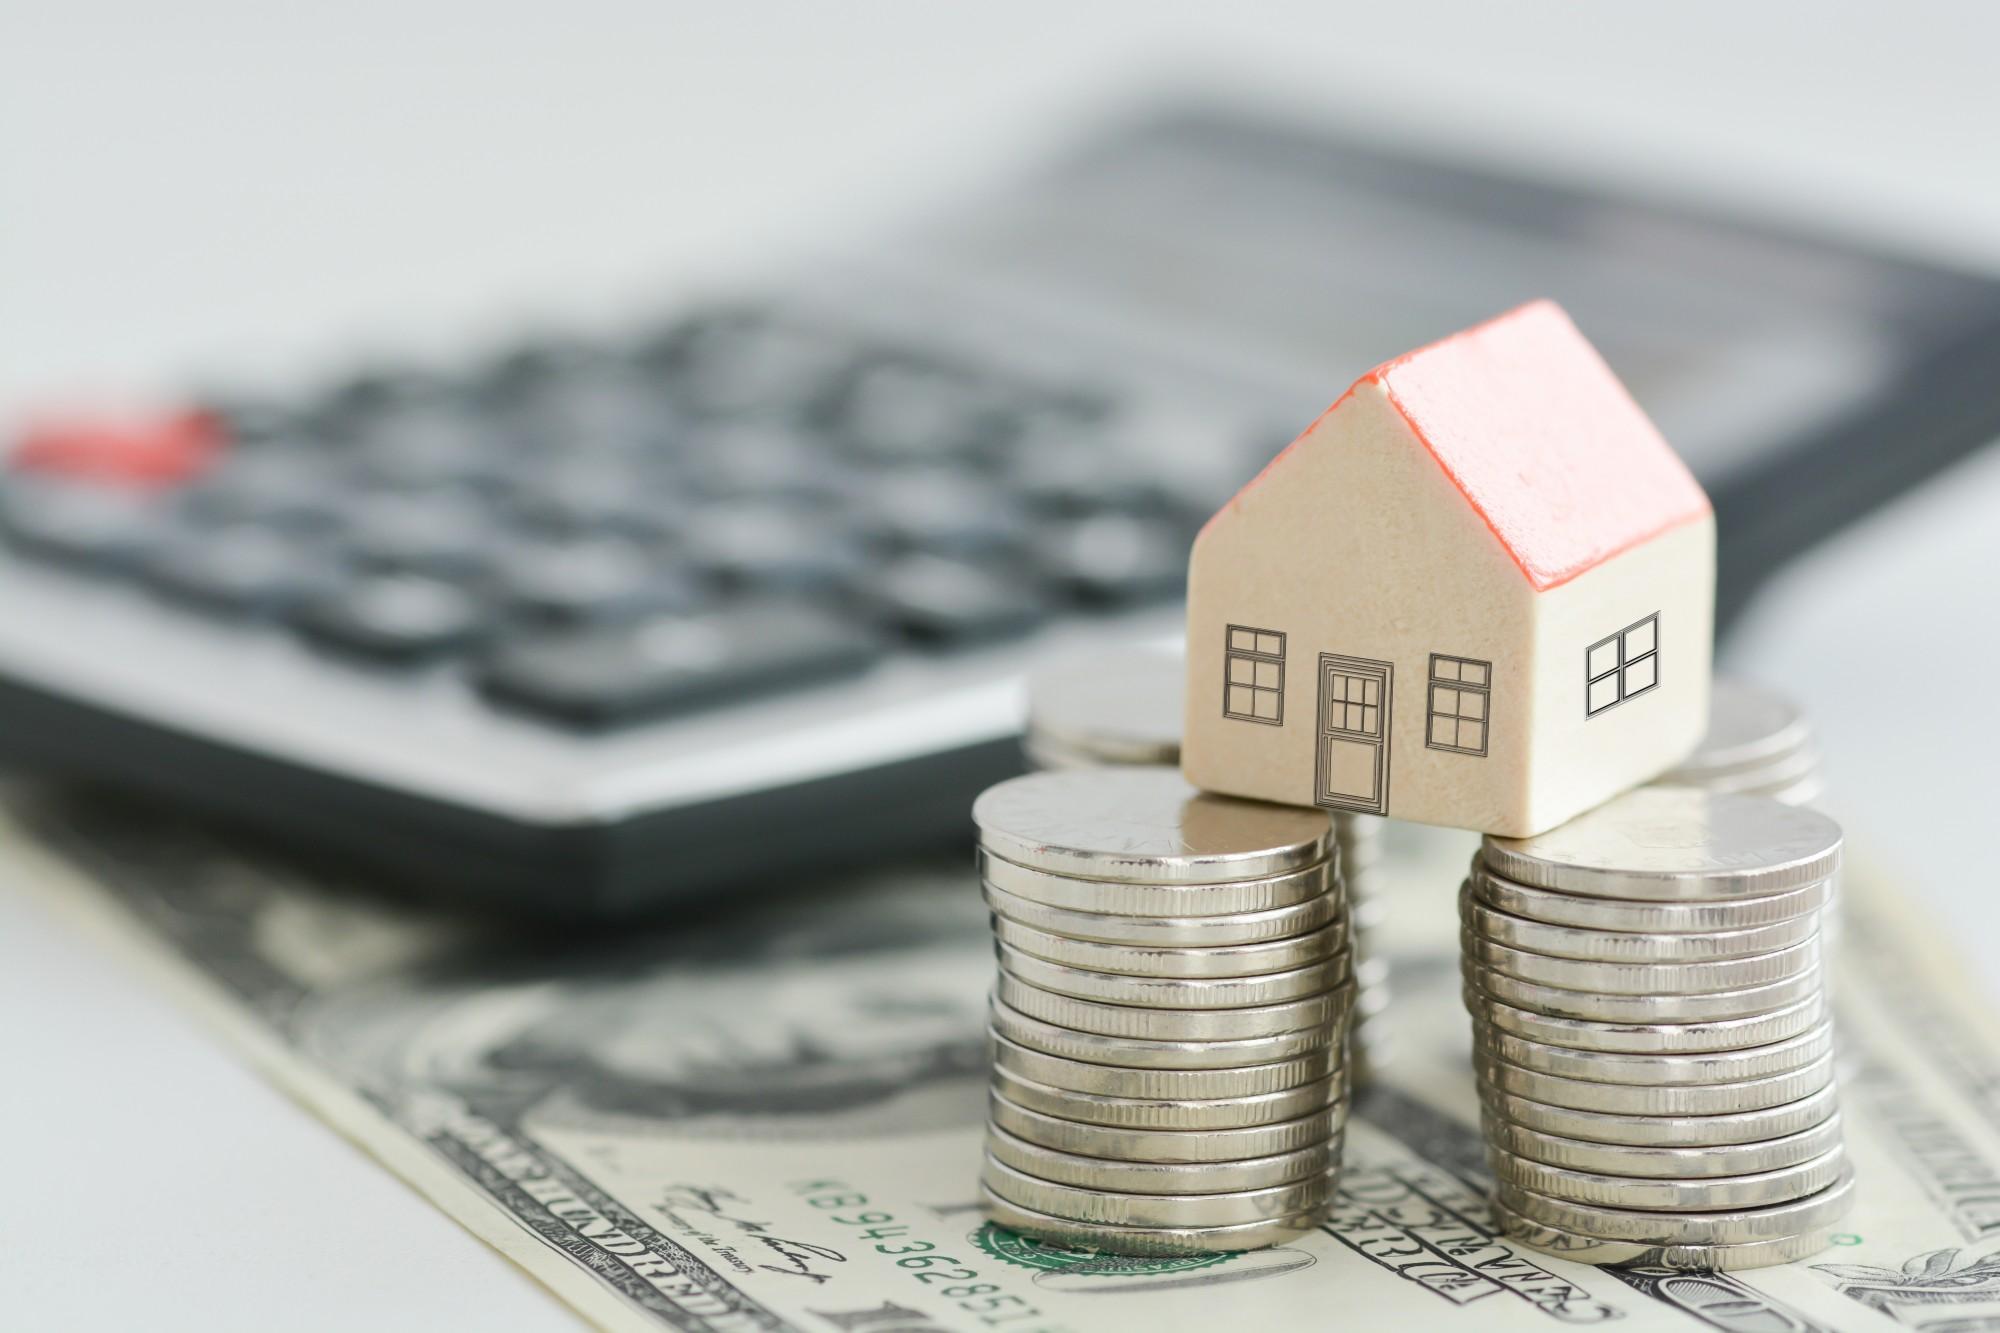 En 20 ans, le pouvoir d'achat immobilier des Français a augmenté de 38 %